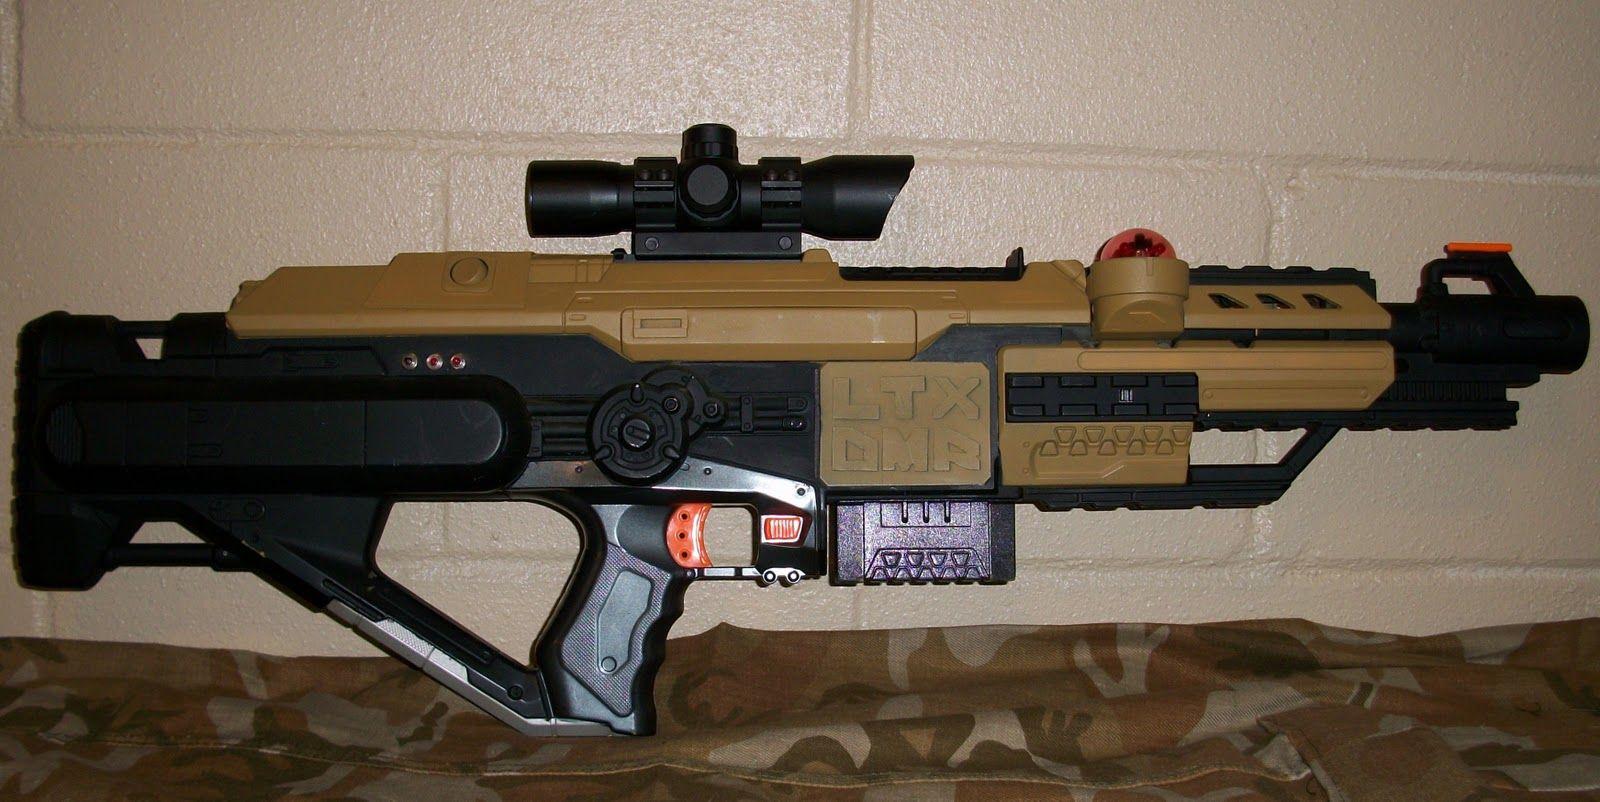 Pin on Nerf guns